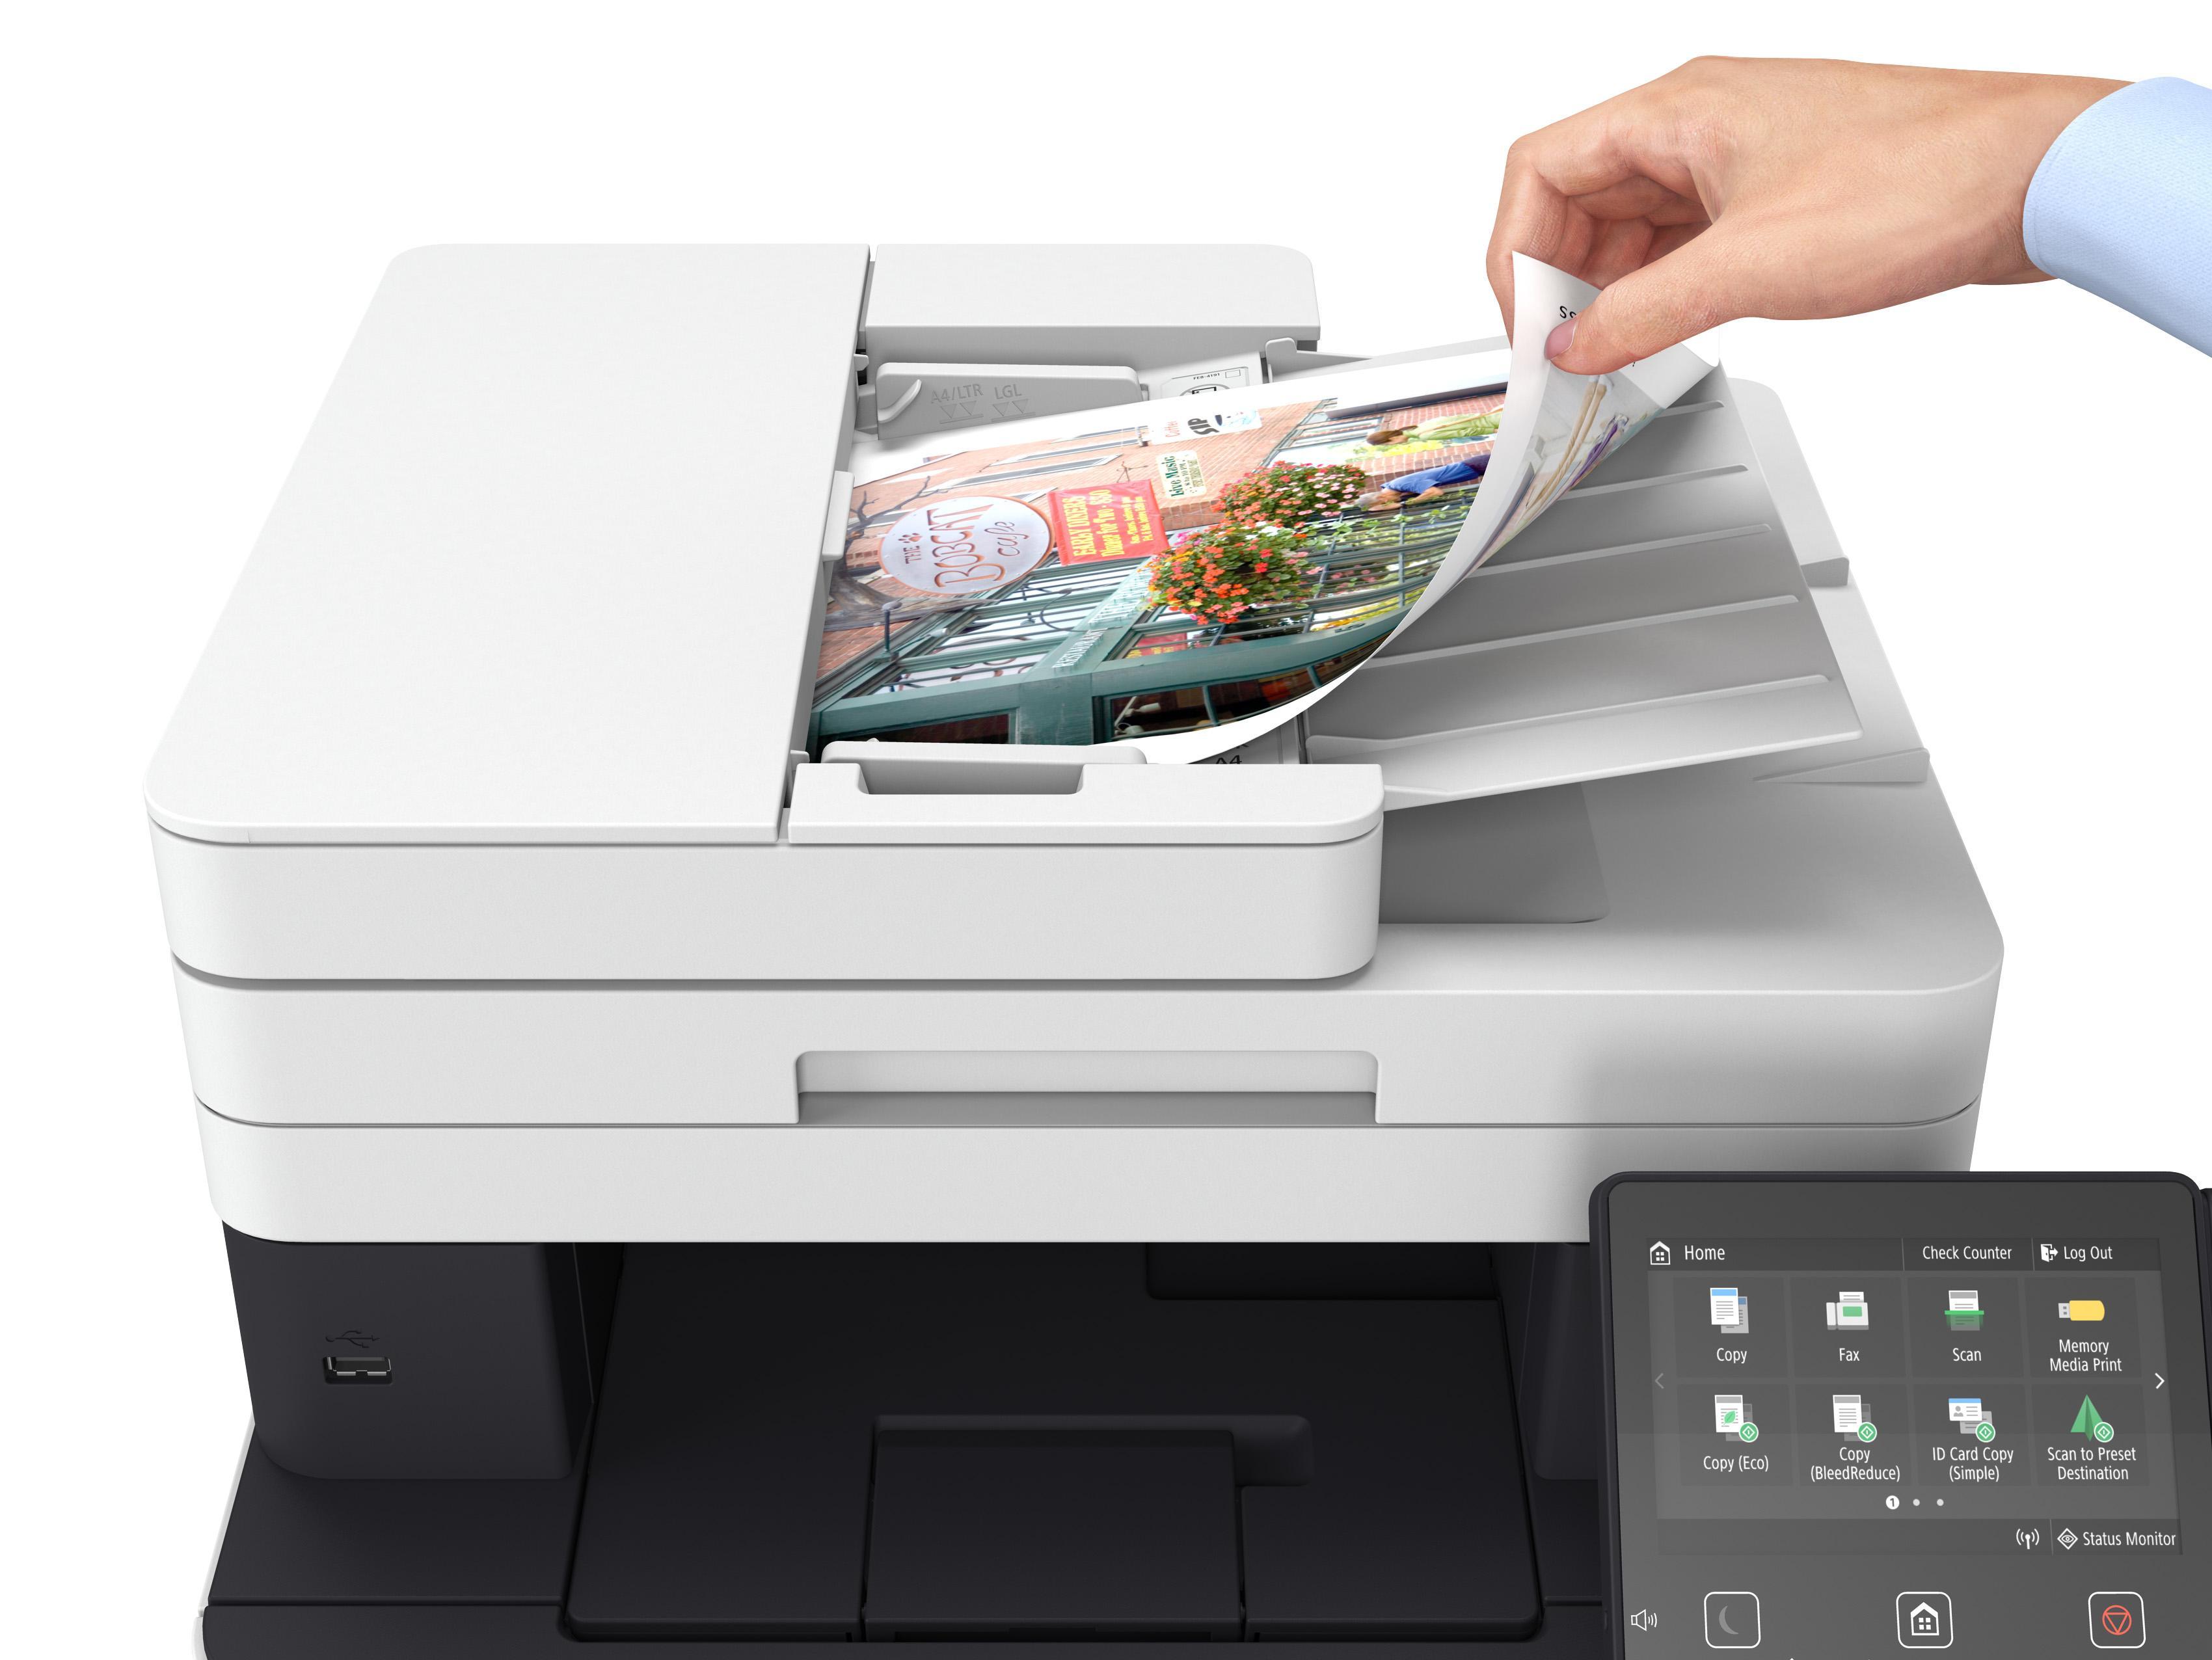 Canon Imageclass Mf634cdw Wireless Color Laser Printer